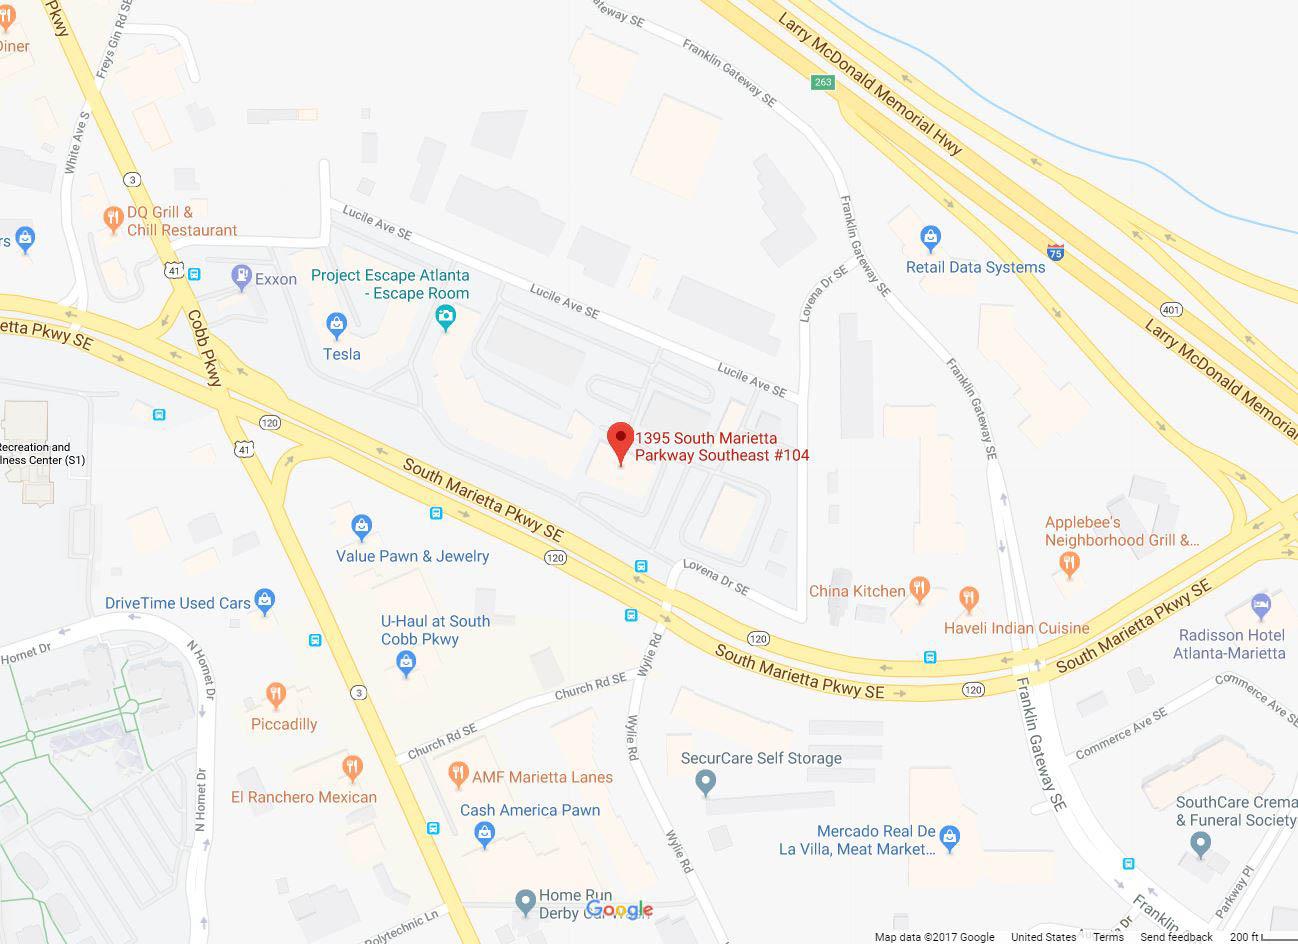 Saint Leo University's Marietta, GA Education Center on the map